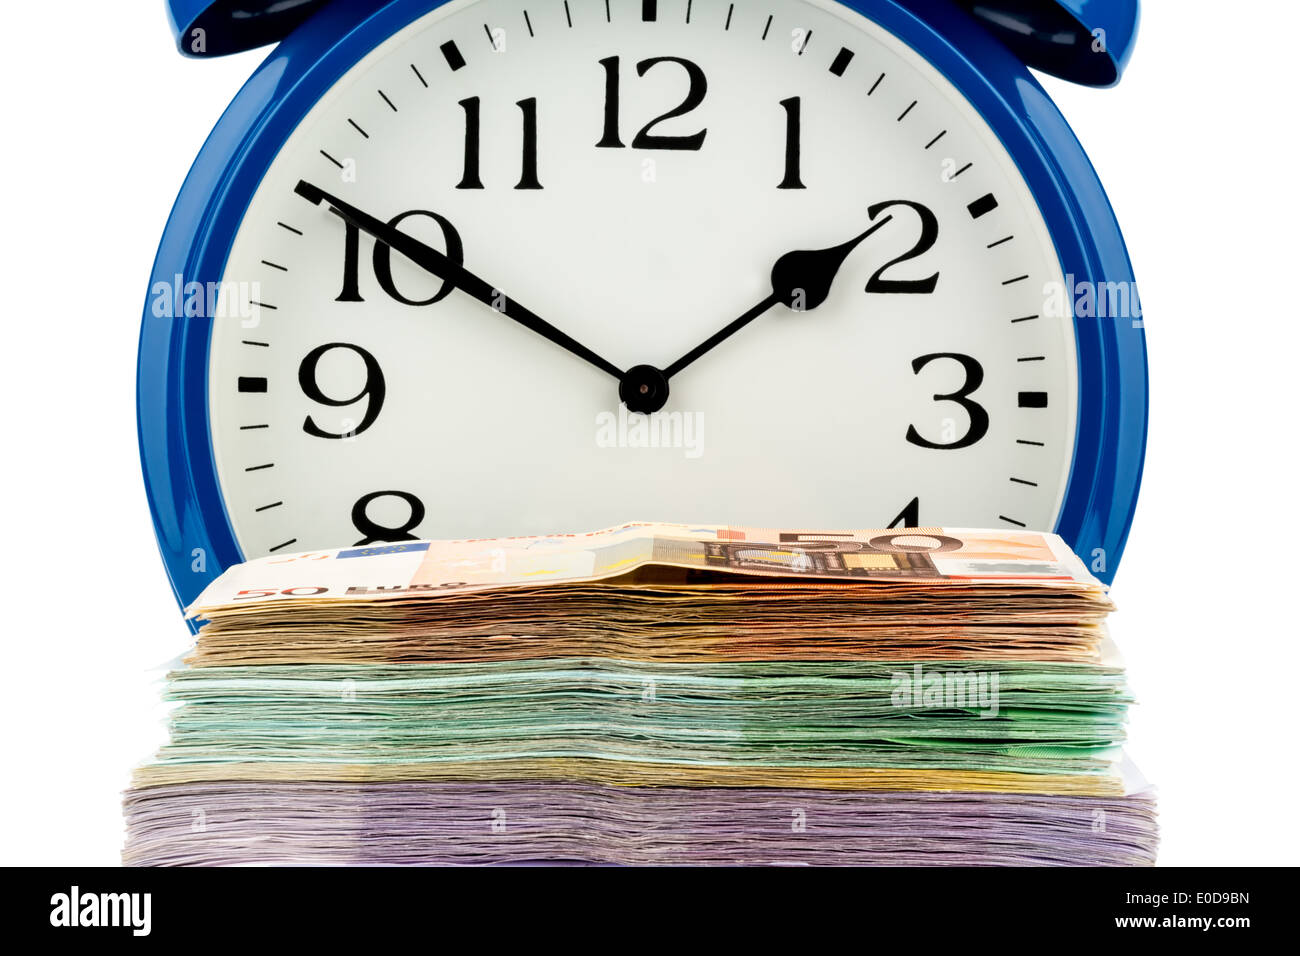 An alarm clock and bank notes, symbolic photo for labour costs, labour cost, time work, Ein Wecker und Geldscheine, Stock Photo